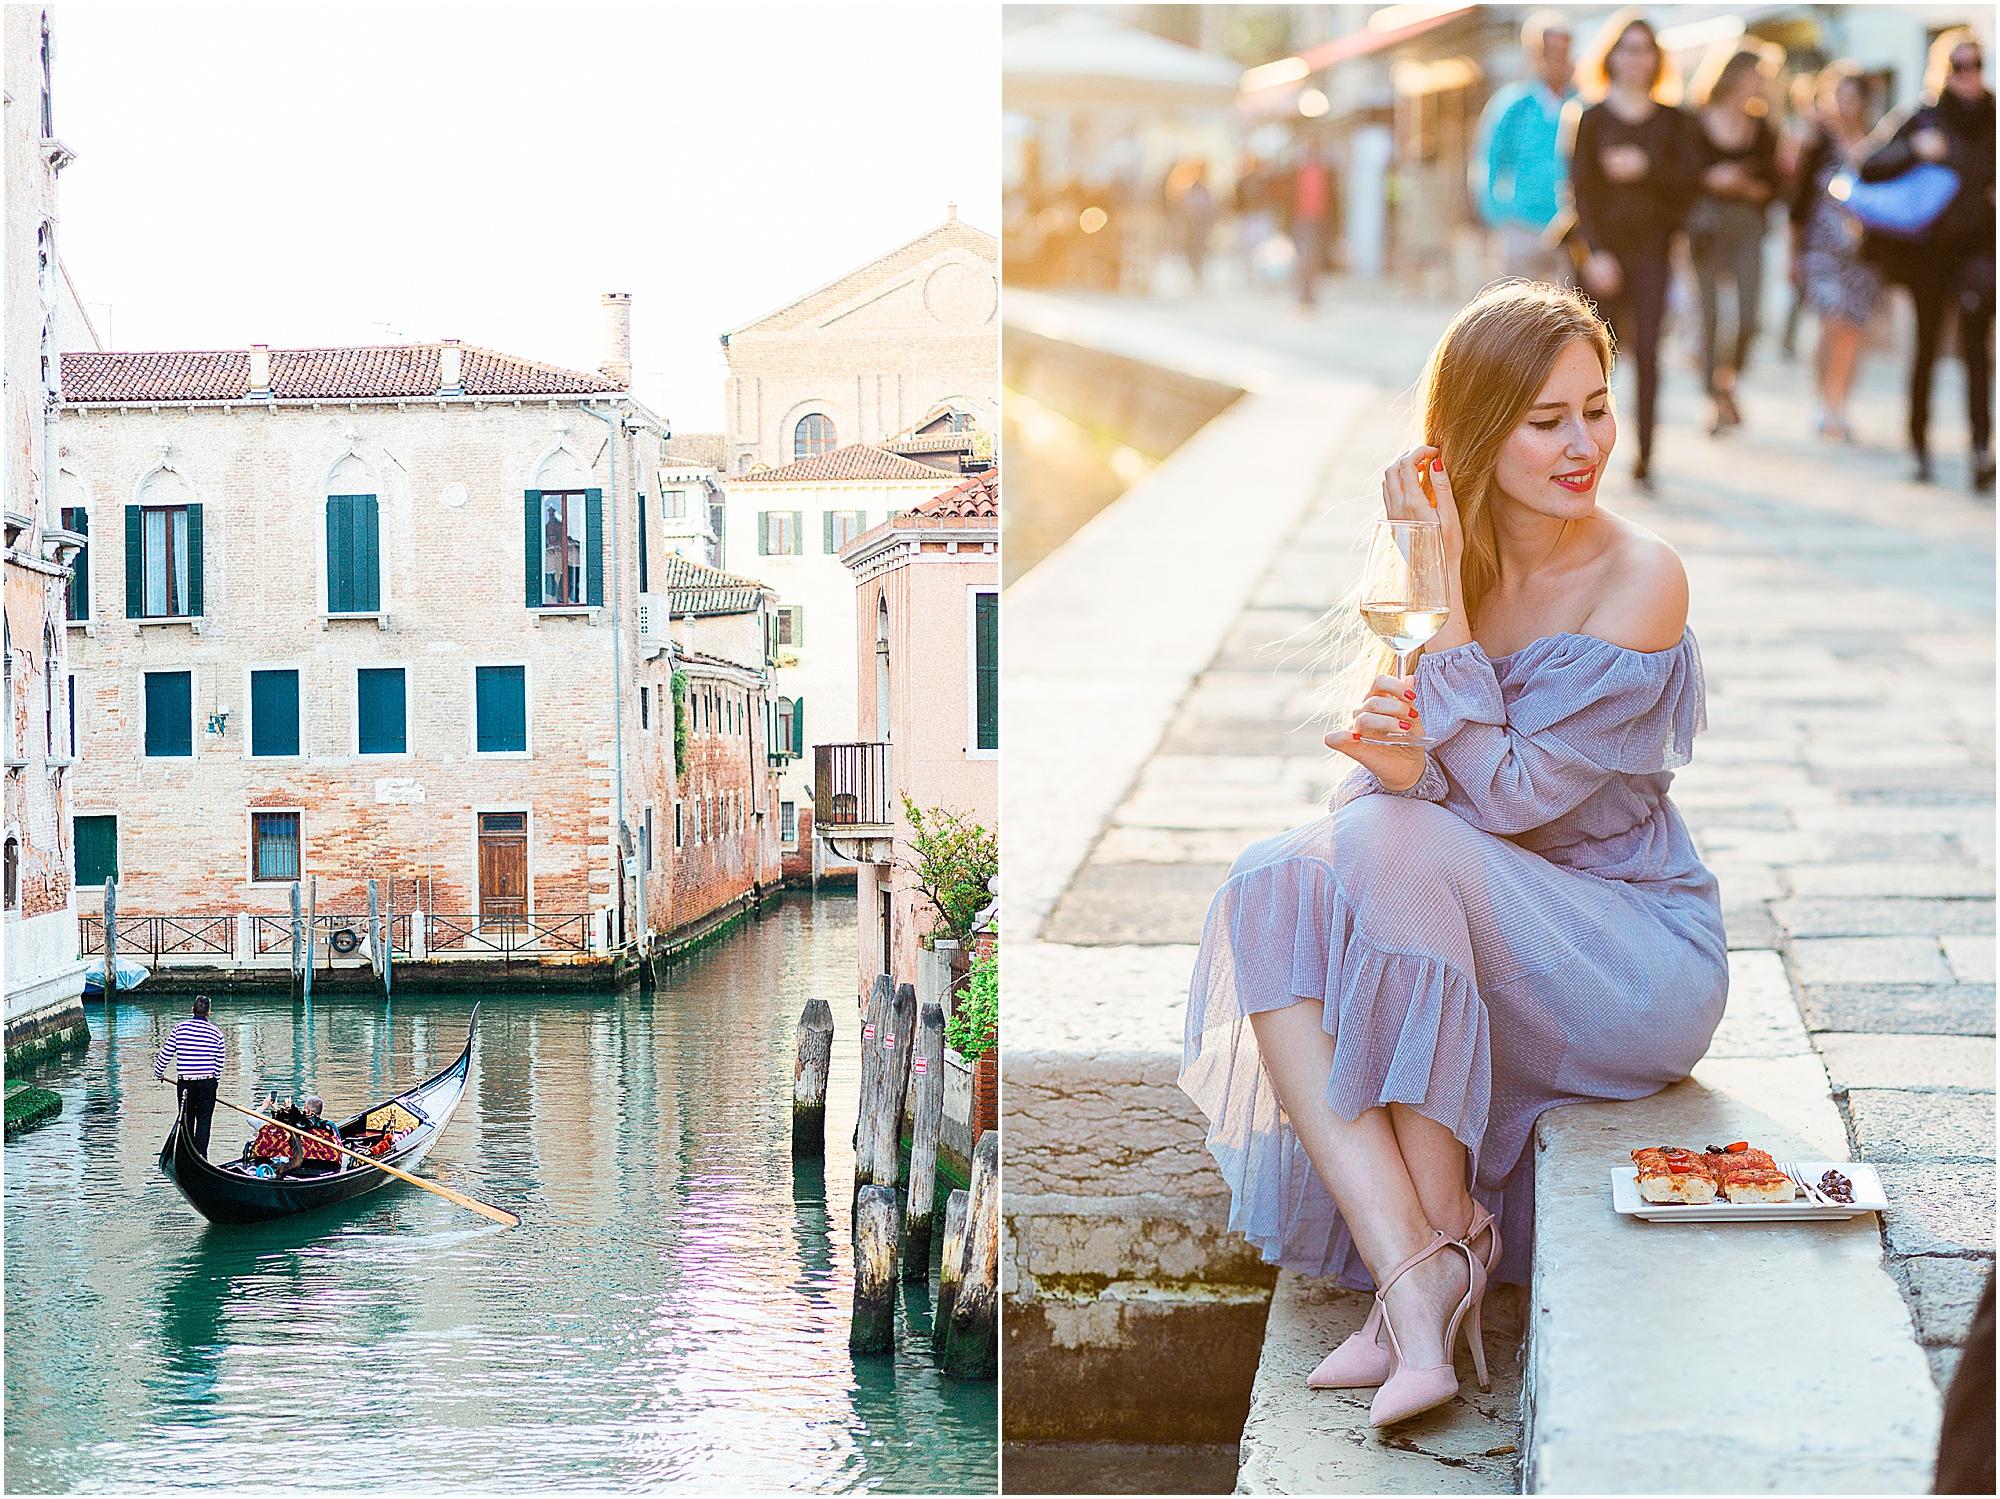 lifestyle-photoshoot-in-venice-gondola-sunrise-stefano-degirmenci_0055.jpg